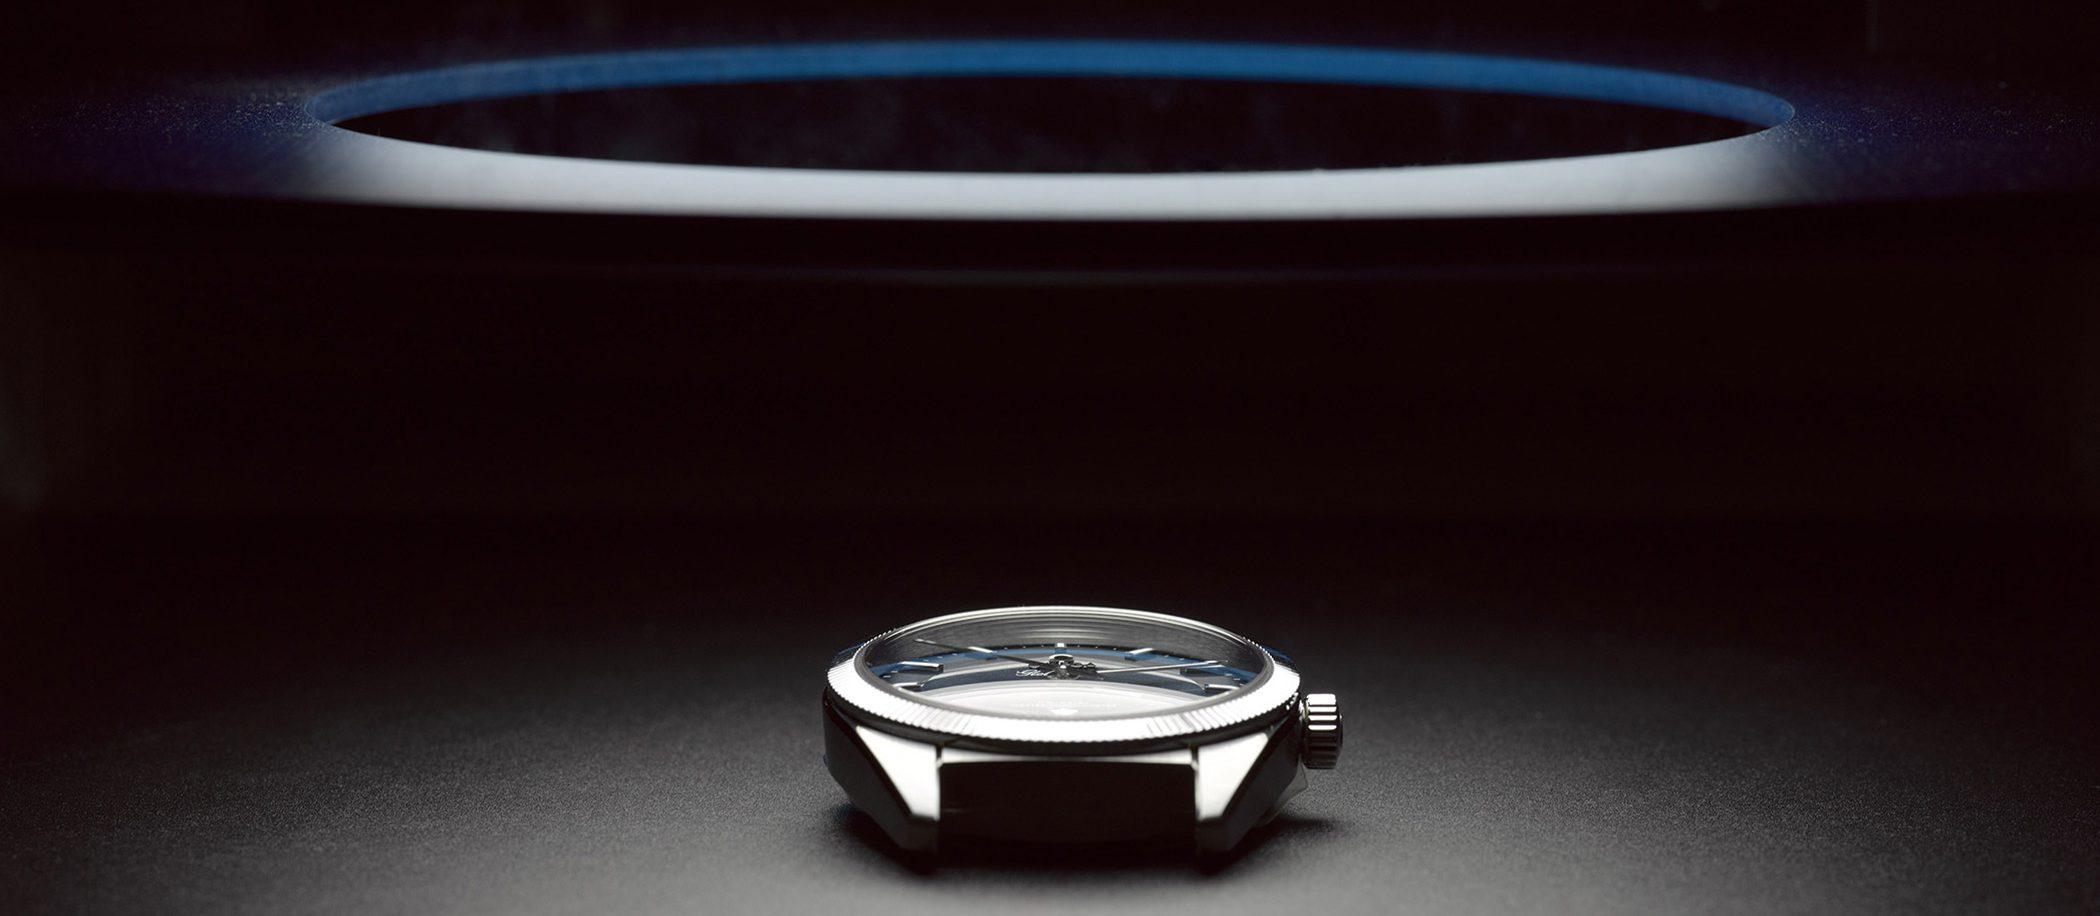 Ochrona antymagnetyczna w zegarkach